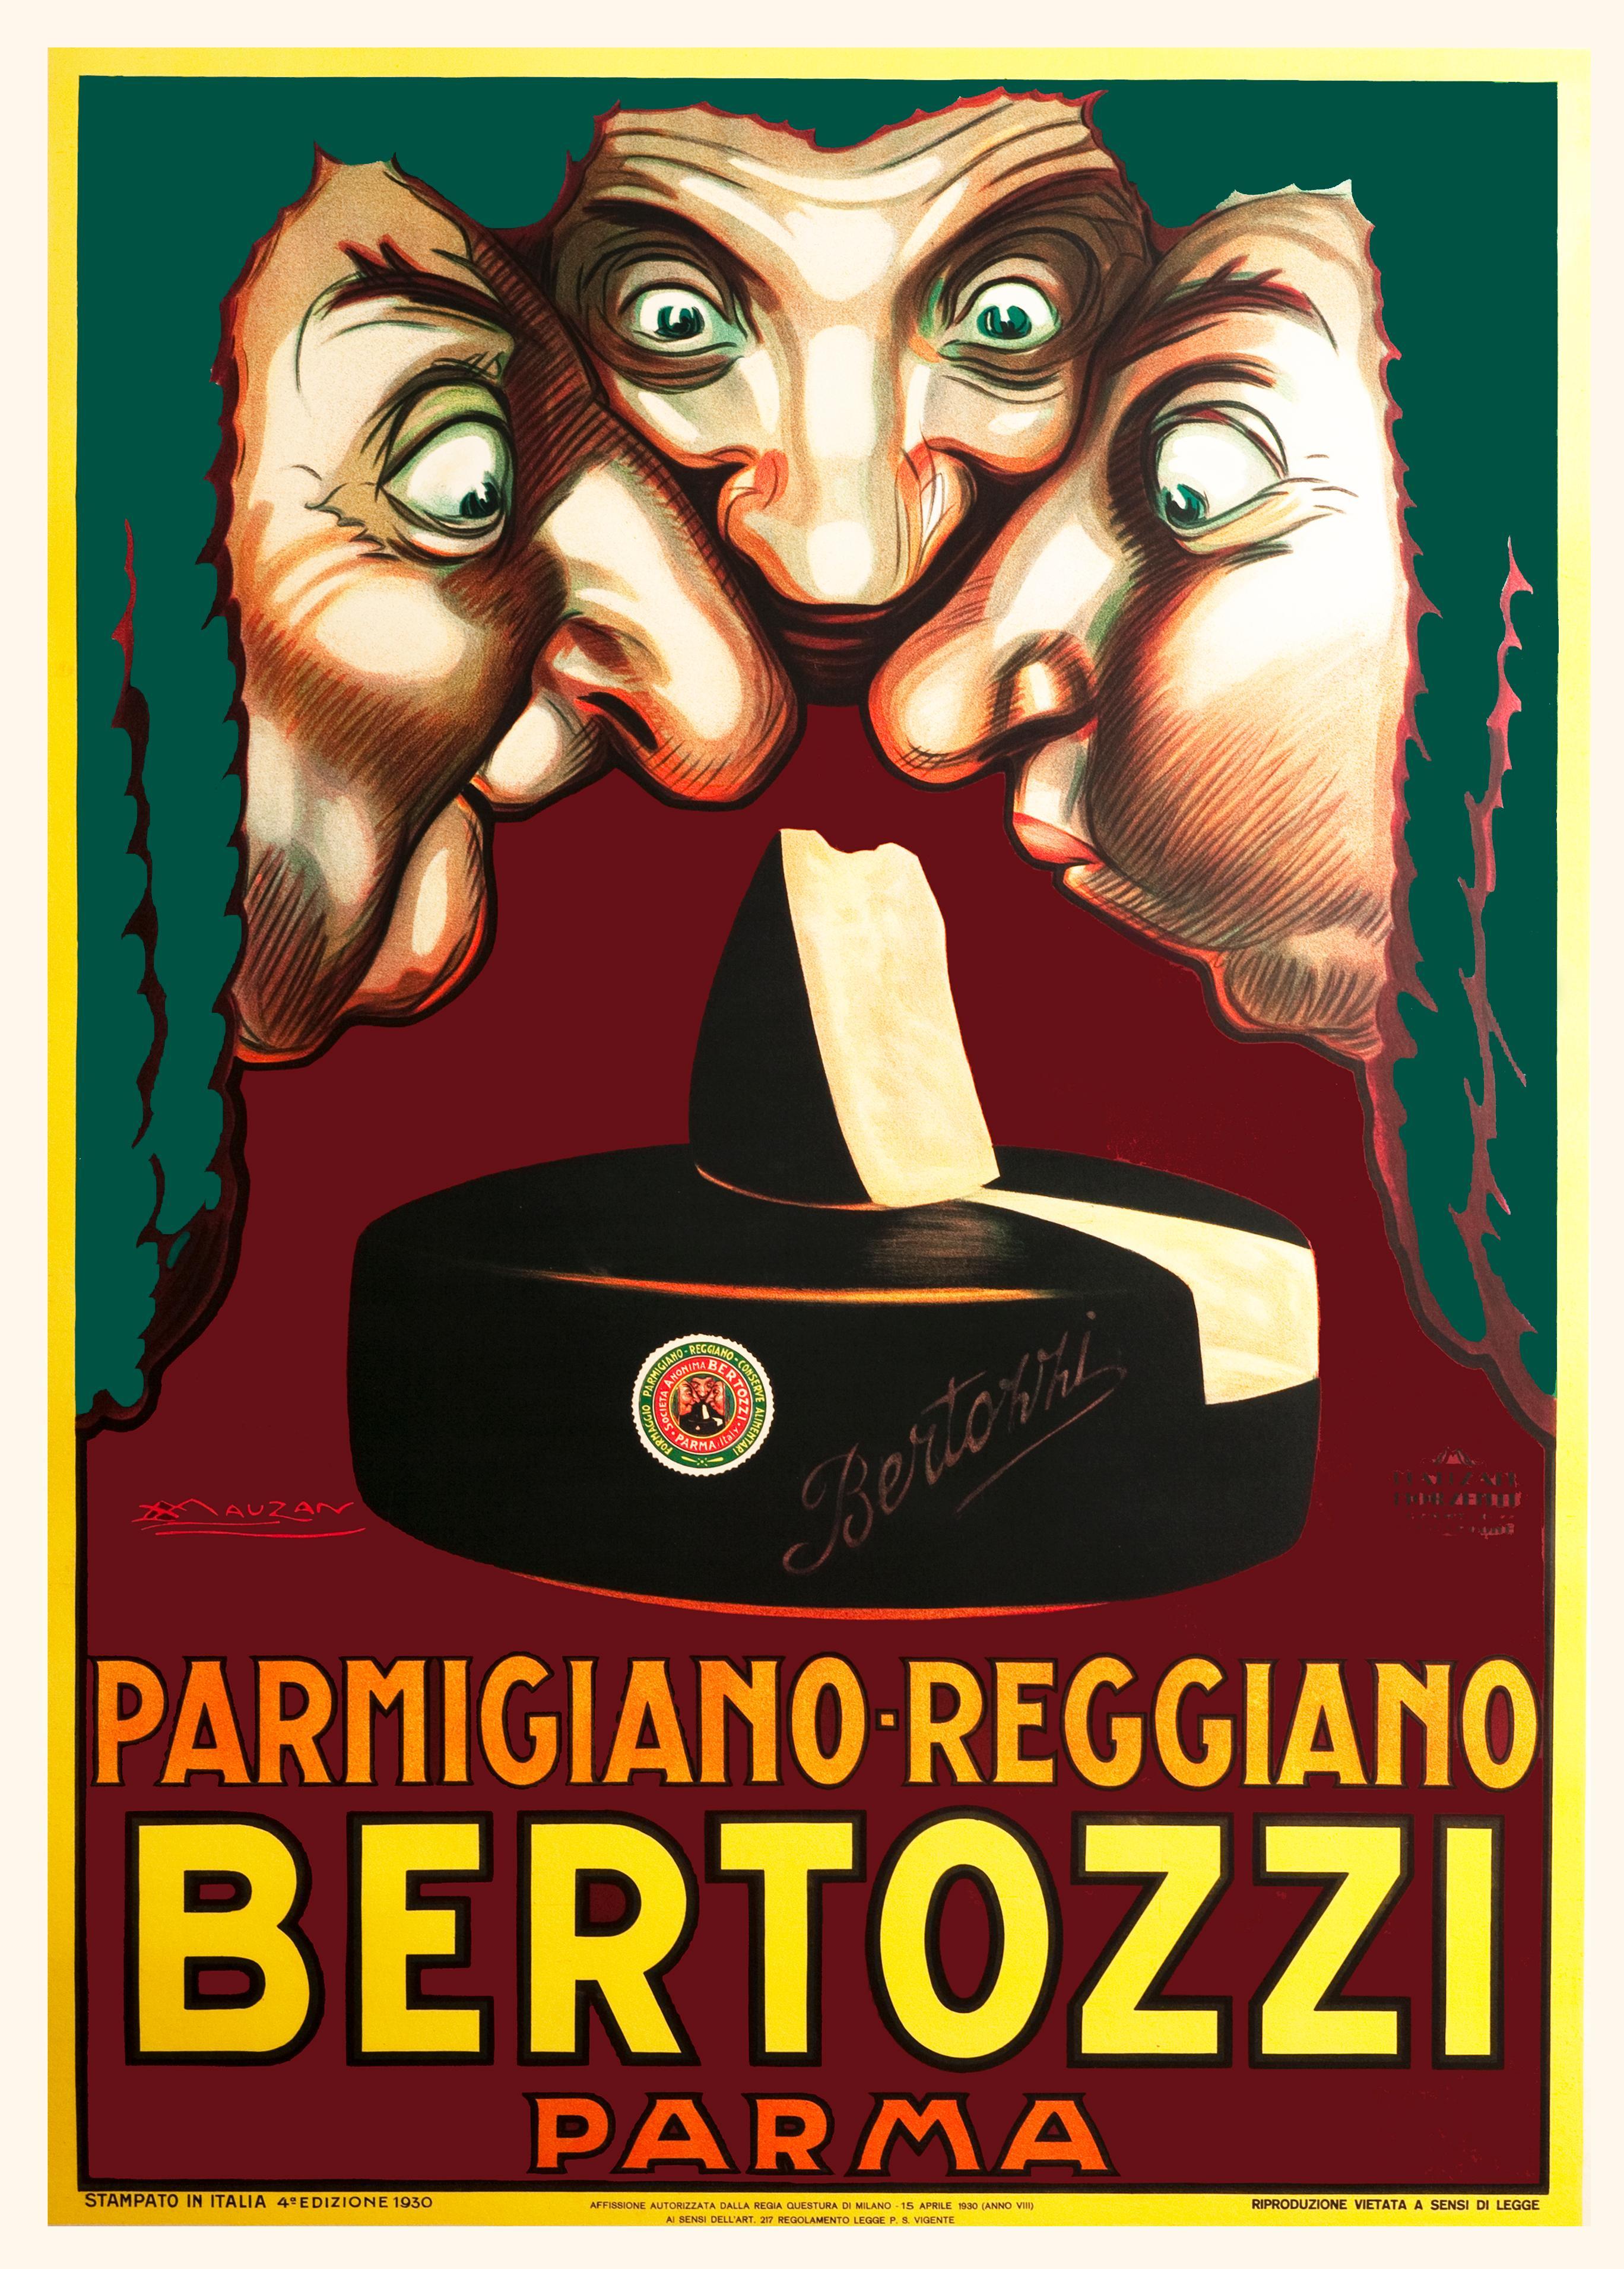 Bertozzi Genuine Reggiano Cheese Italian small store advertising display 1920s